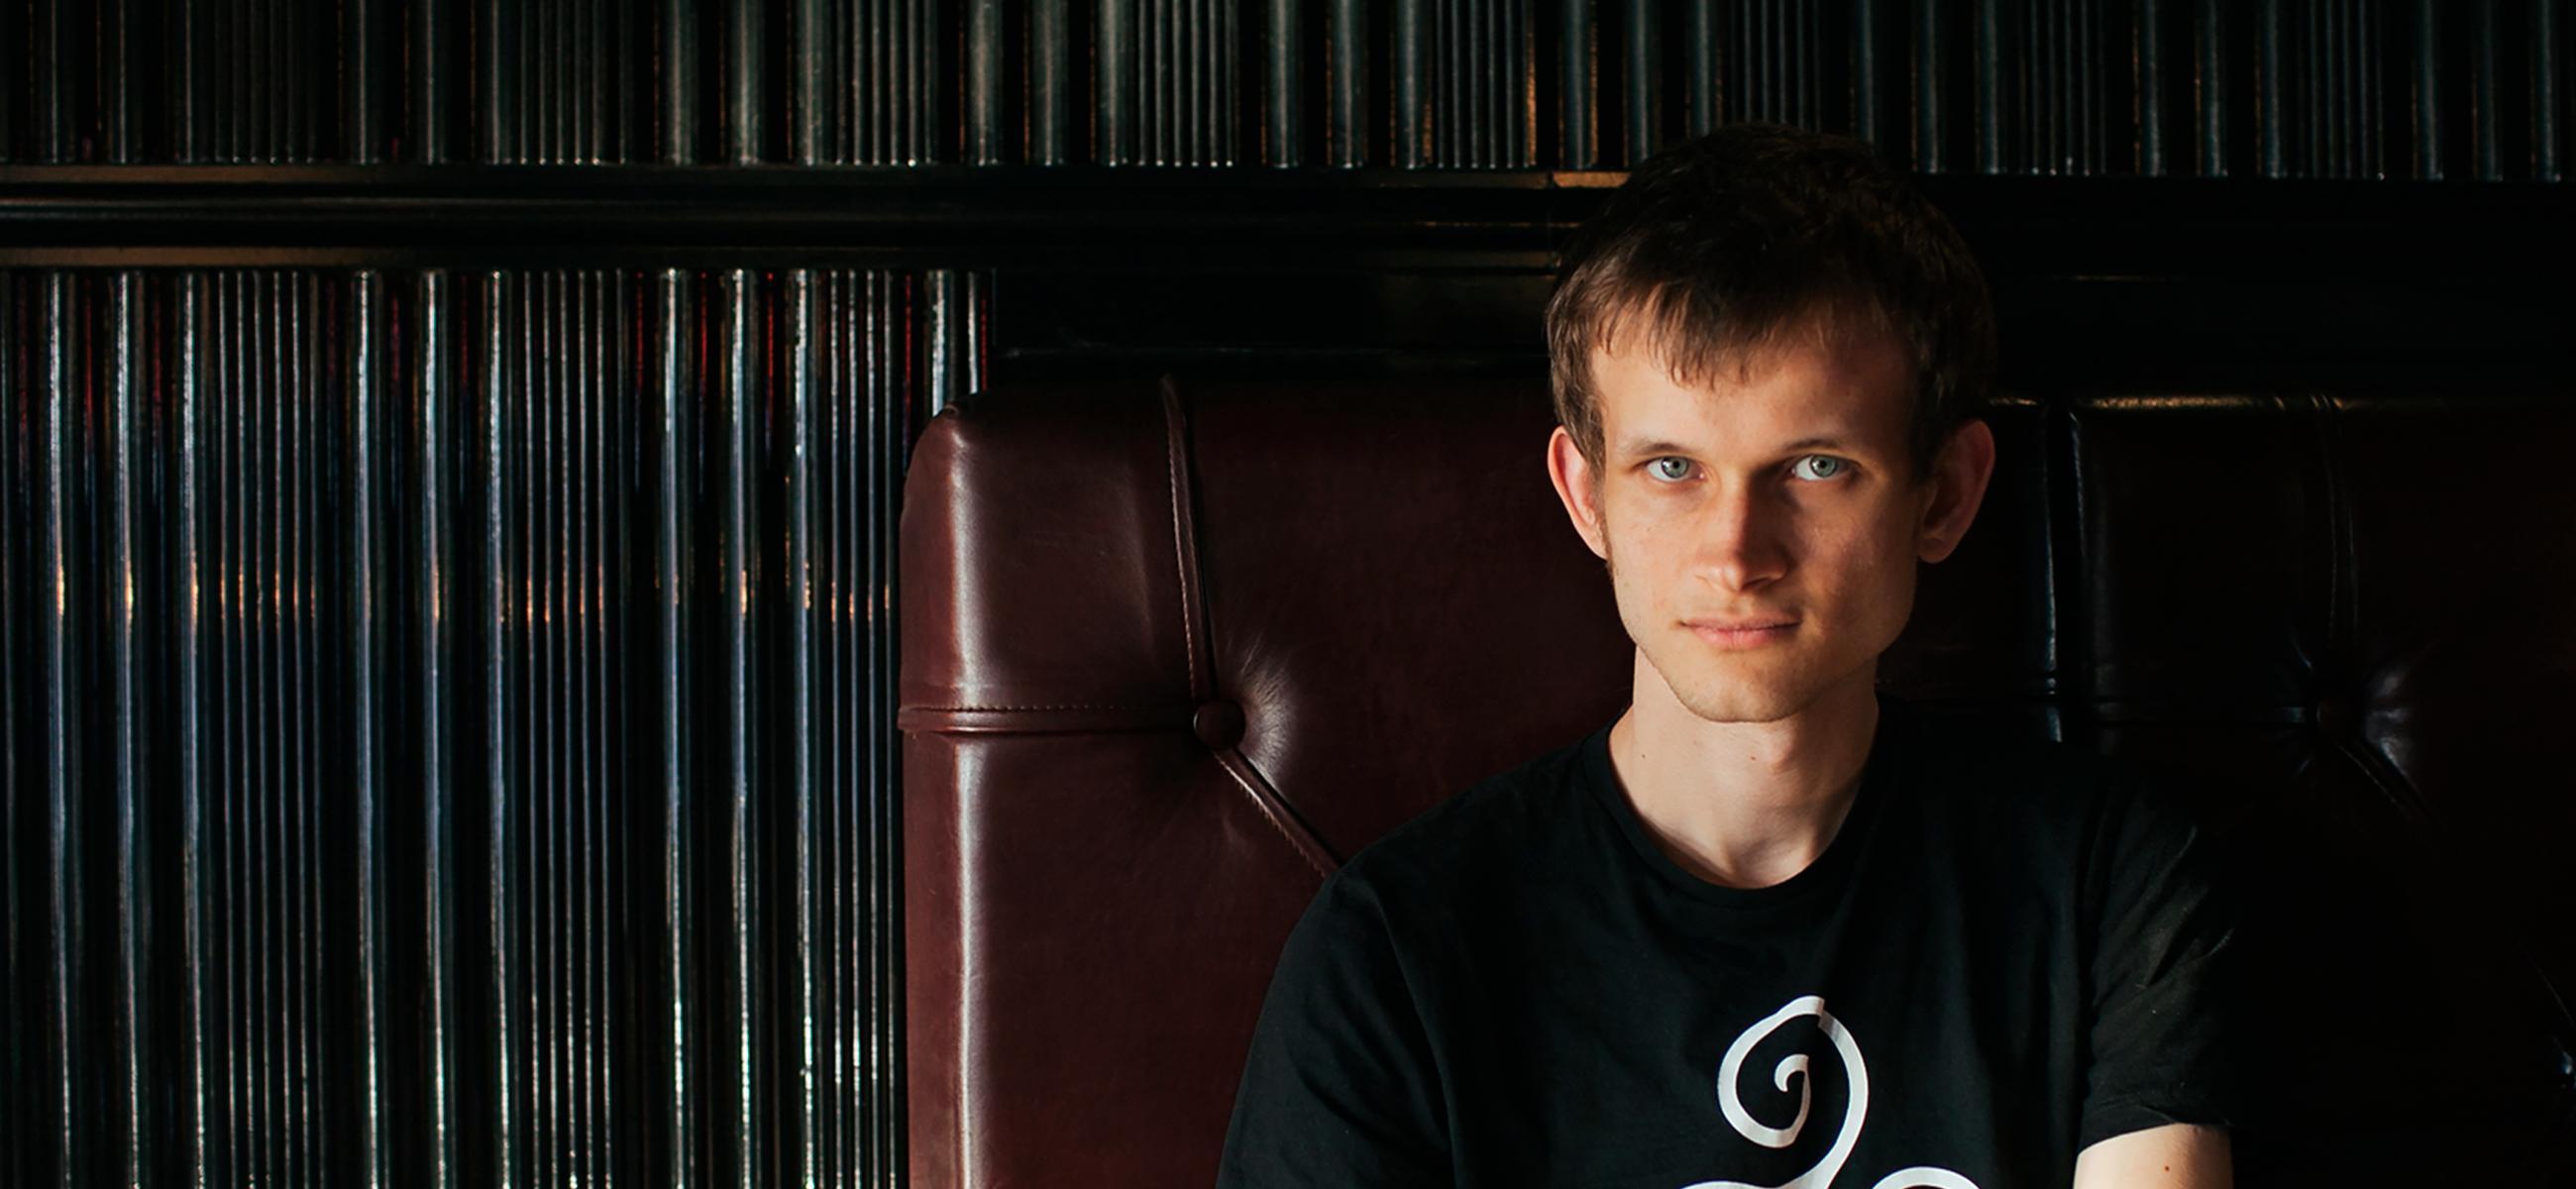 Создатель Ethereum Виталик Бутерин: «Блокчейн поможет искоренить коррупцию»